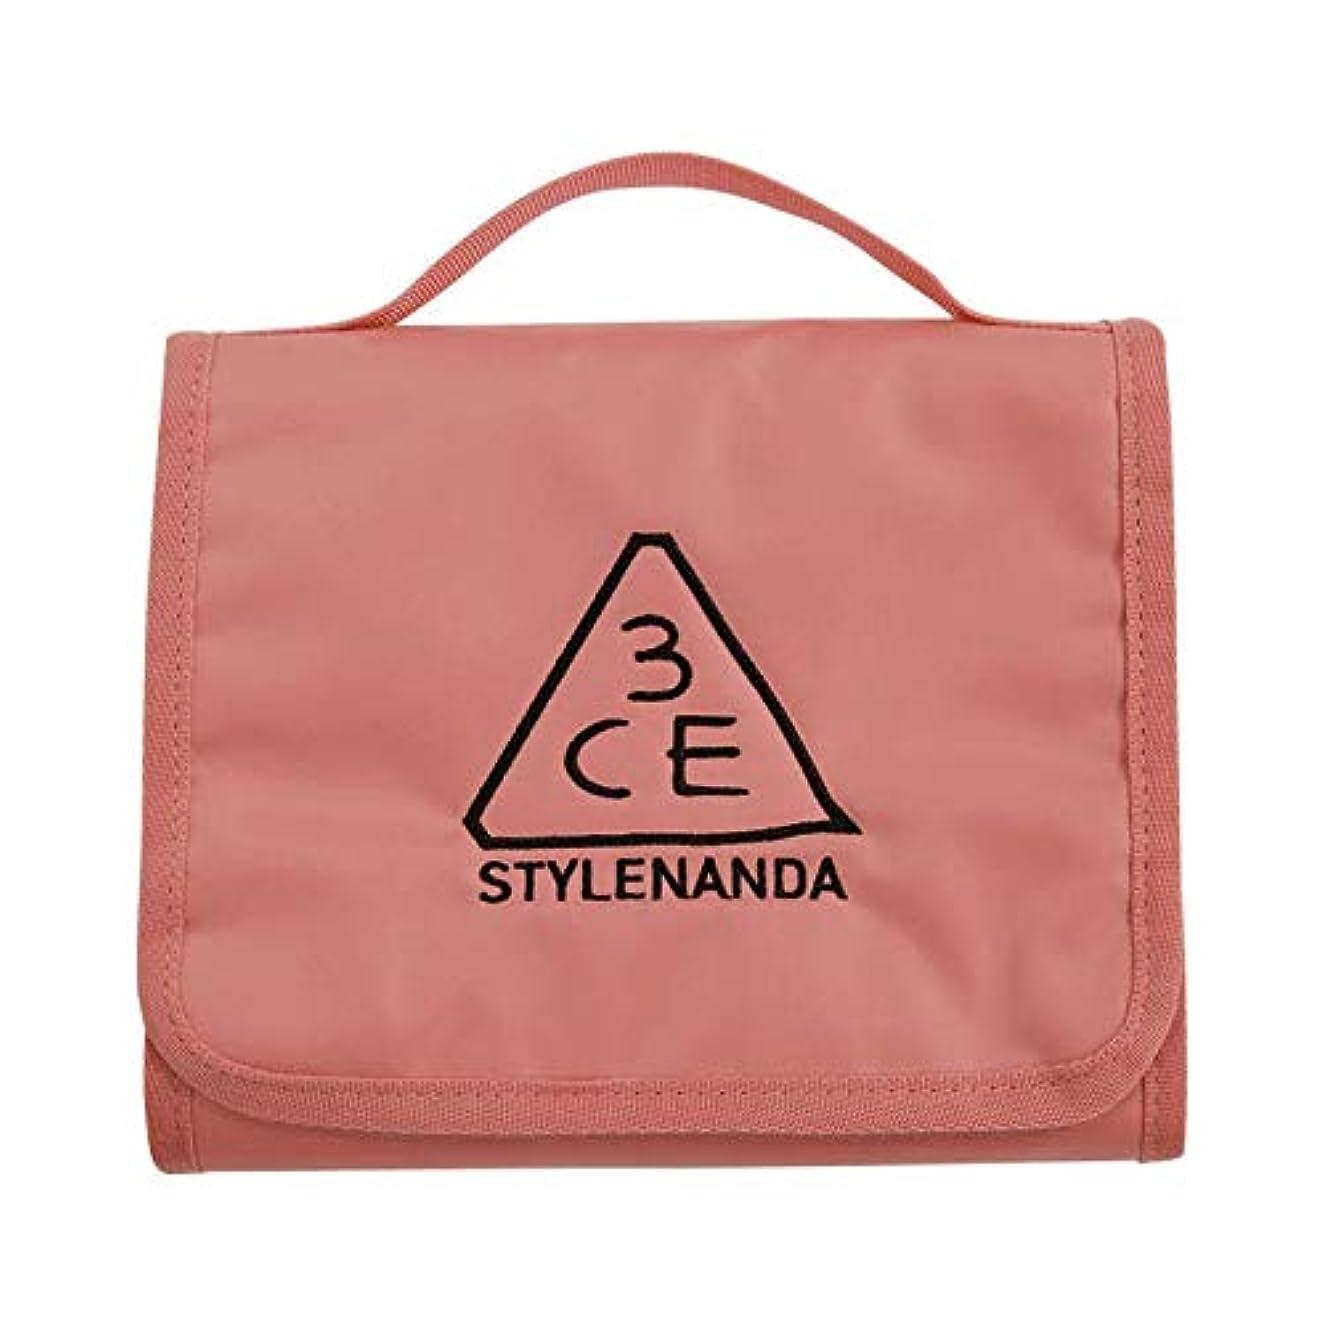 偽装する良性ウォーターフロント3CE ワッシュバッグ Sサイズ / 3CE WASH BAG_SMALL #PINK BEIGE [並行輸入品]